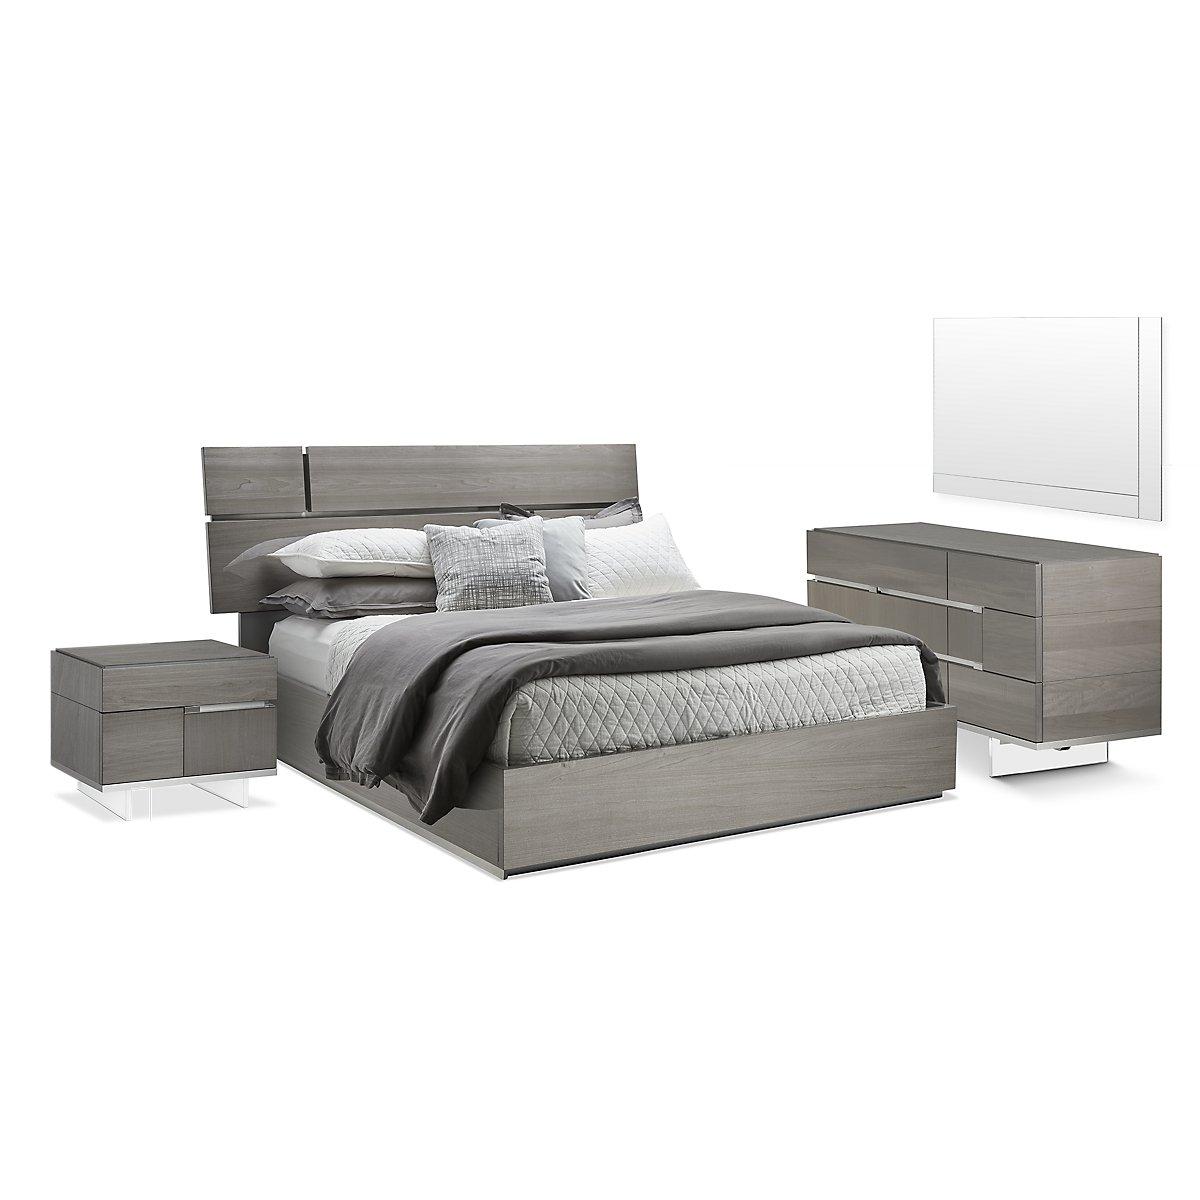 athena dark gray wood platform bedroom  bedroom  bedroom